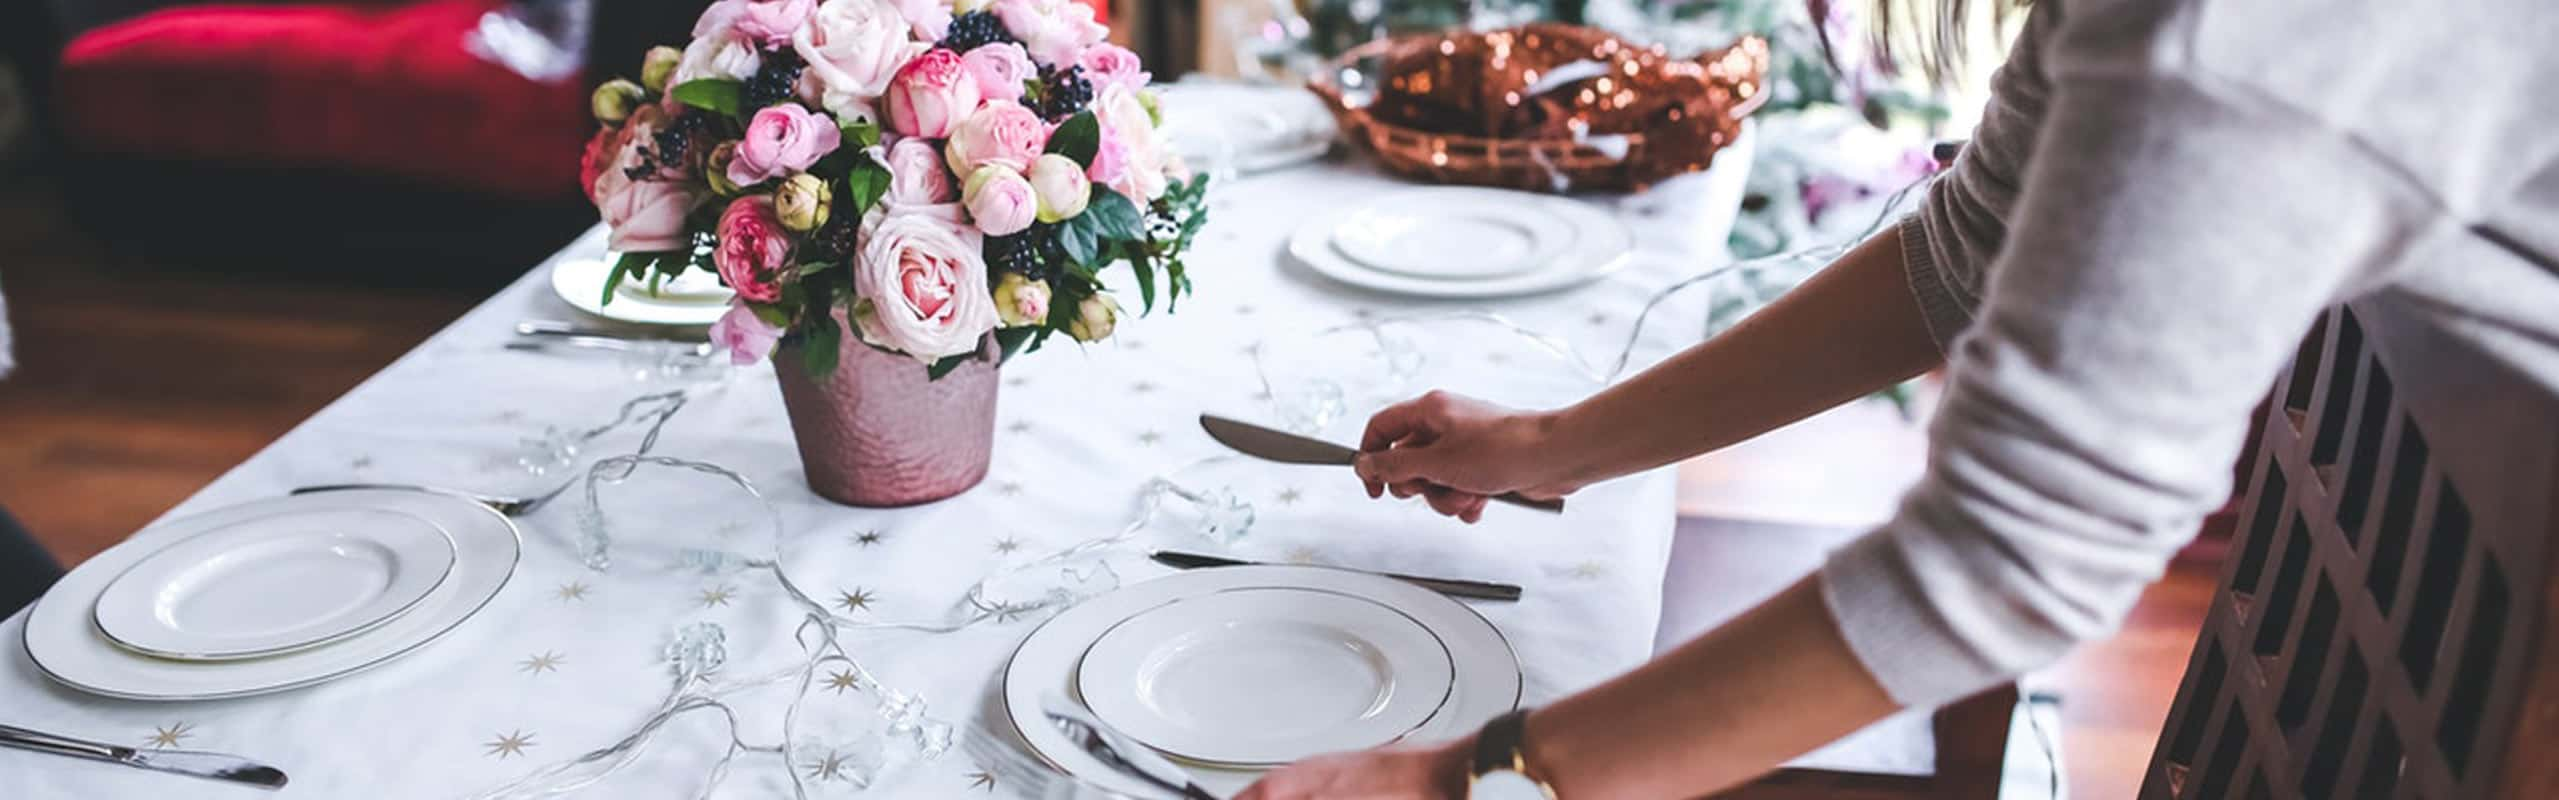 Descubre el protocolo en bodas y las normas que deben seguir los invitados